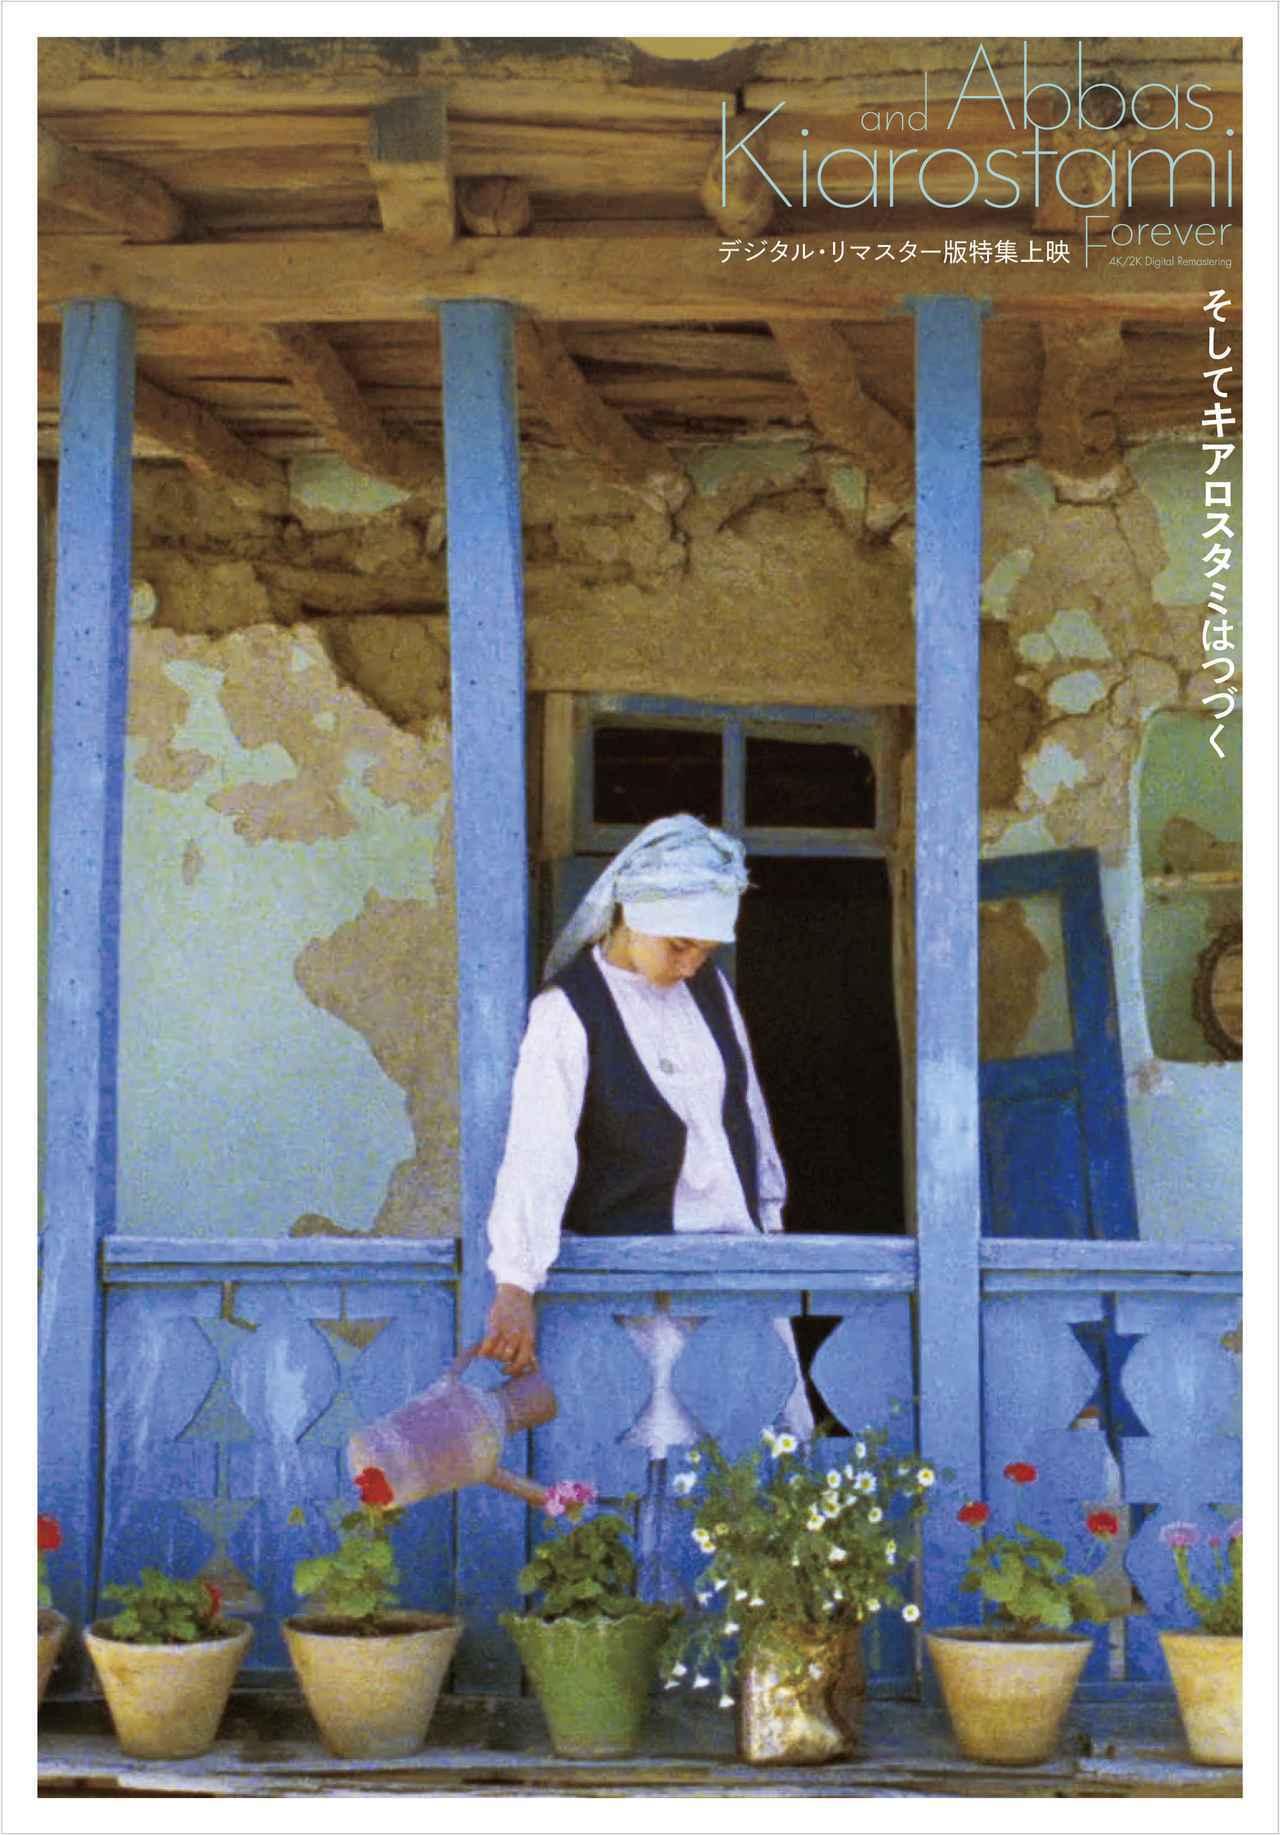 画像2: イラン映画の巨匠アッバス・キアロスタミ監督 生誕 81 年、没後5年を記念して、 世界中で愛される、ジグザグ道三部作を中心に、 初期の珠玉の名作がスクリーンによみがえる。